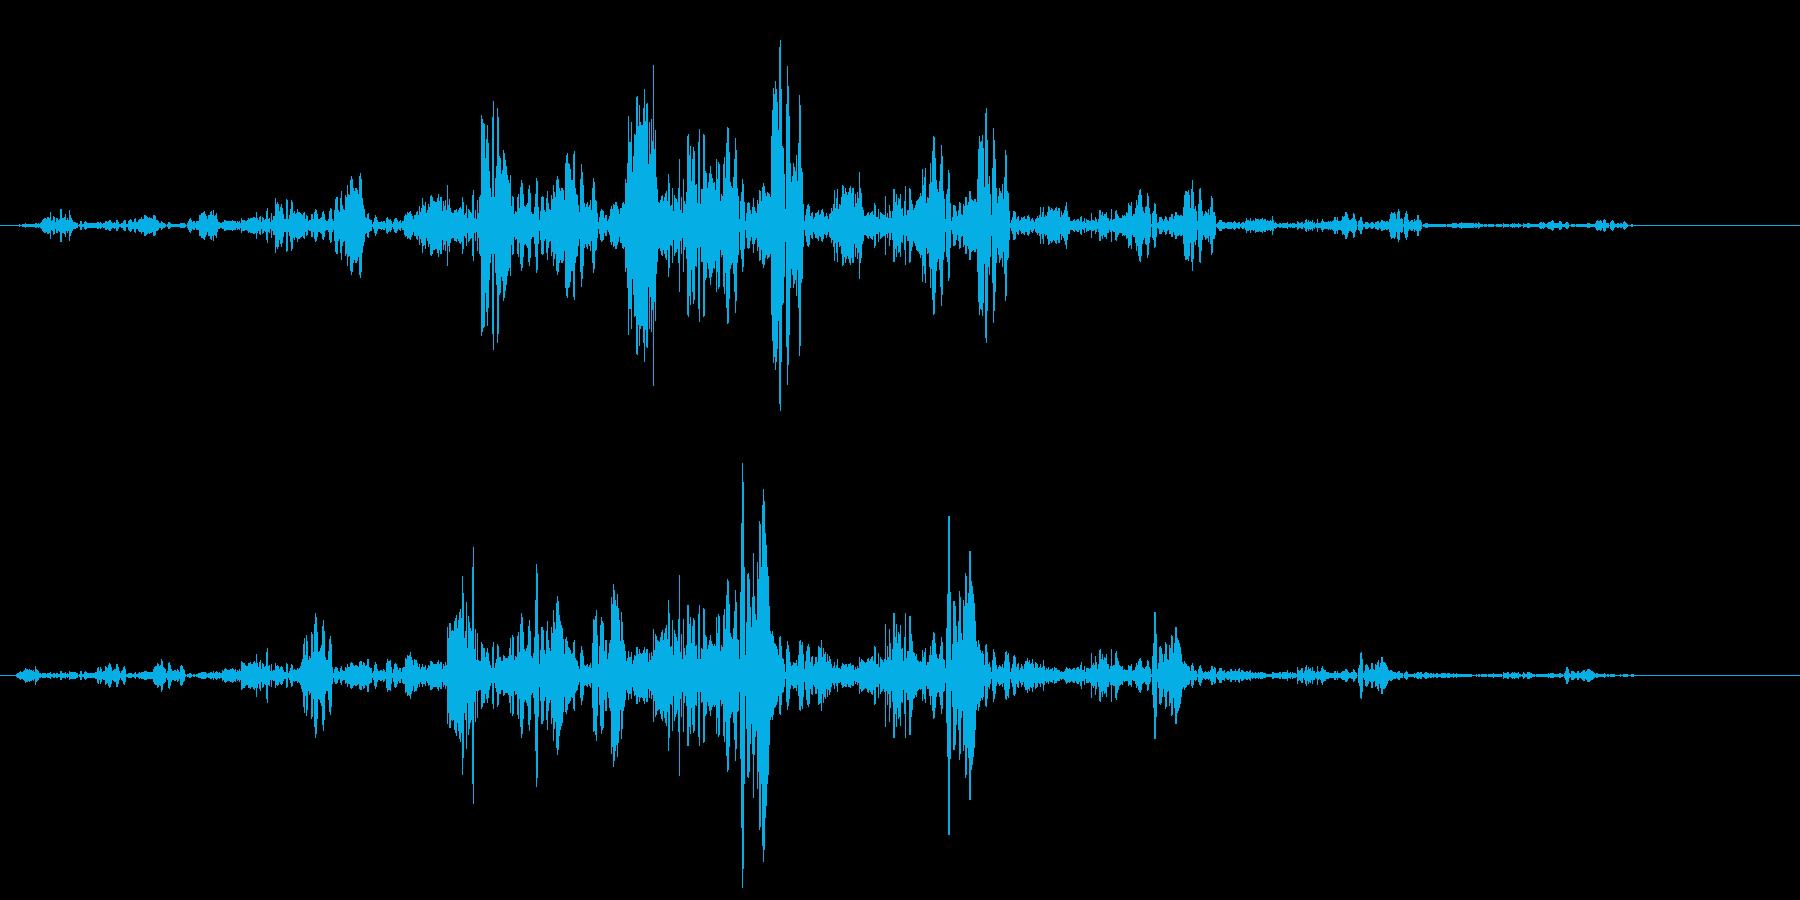 チュンシュワワ(回転系音)の再生済みの波形